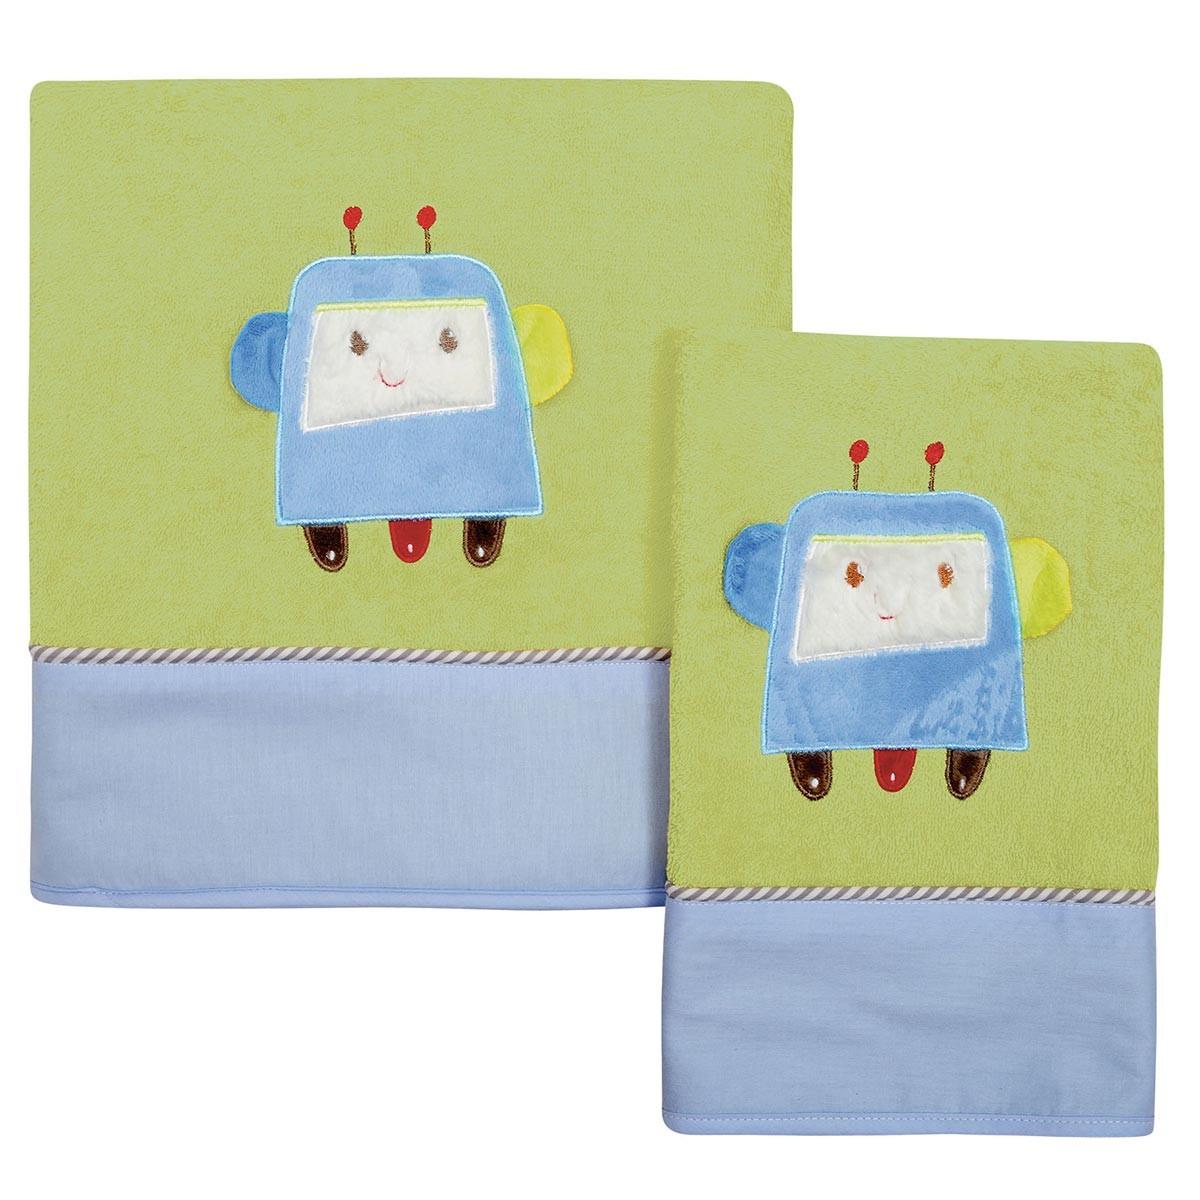 Βρεφικές Πετσέτες (Σετ 2τμχ) Das Home Dream Embroidery 6397